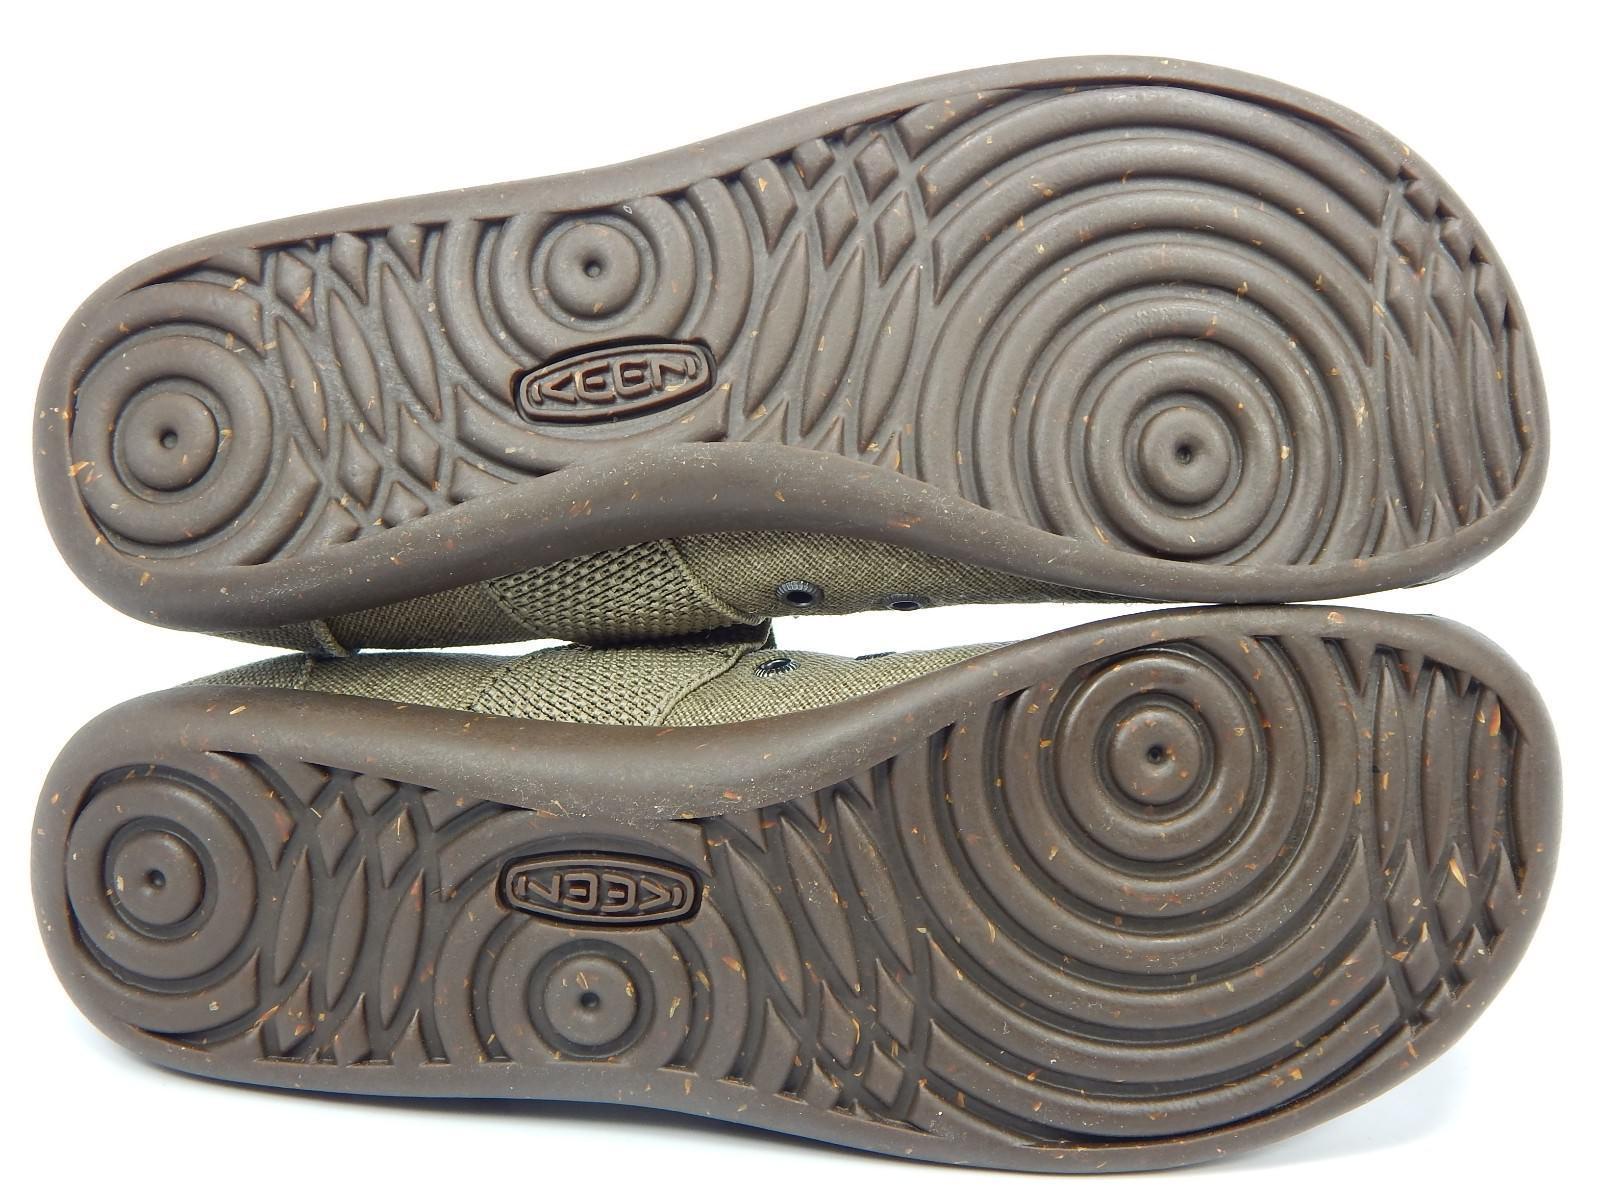 Keen Sienna Mary Jane Size US 8 M (B) EU 38.5 Women's Canvas Shoe Beige 1014217